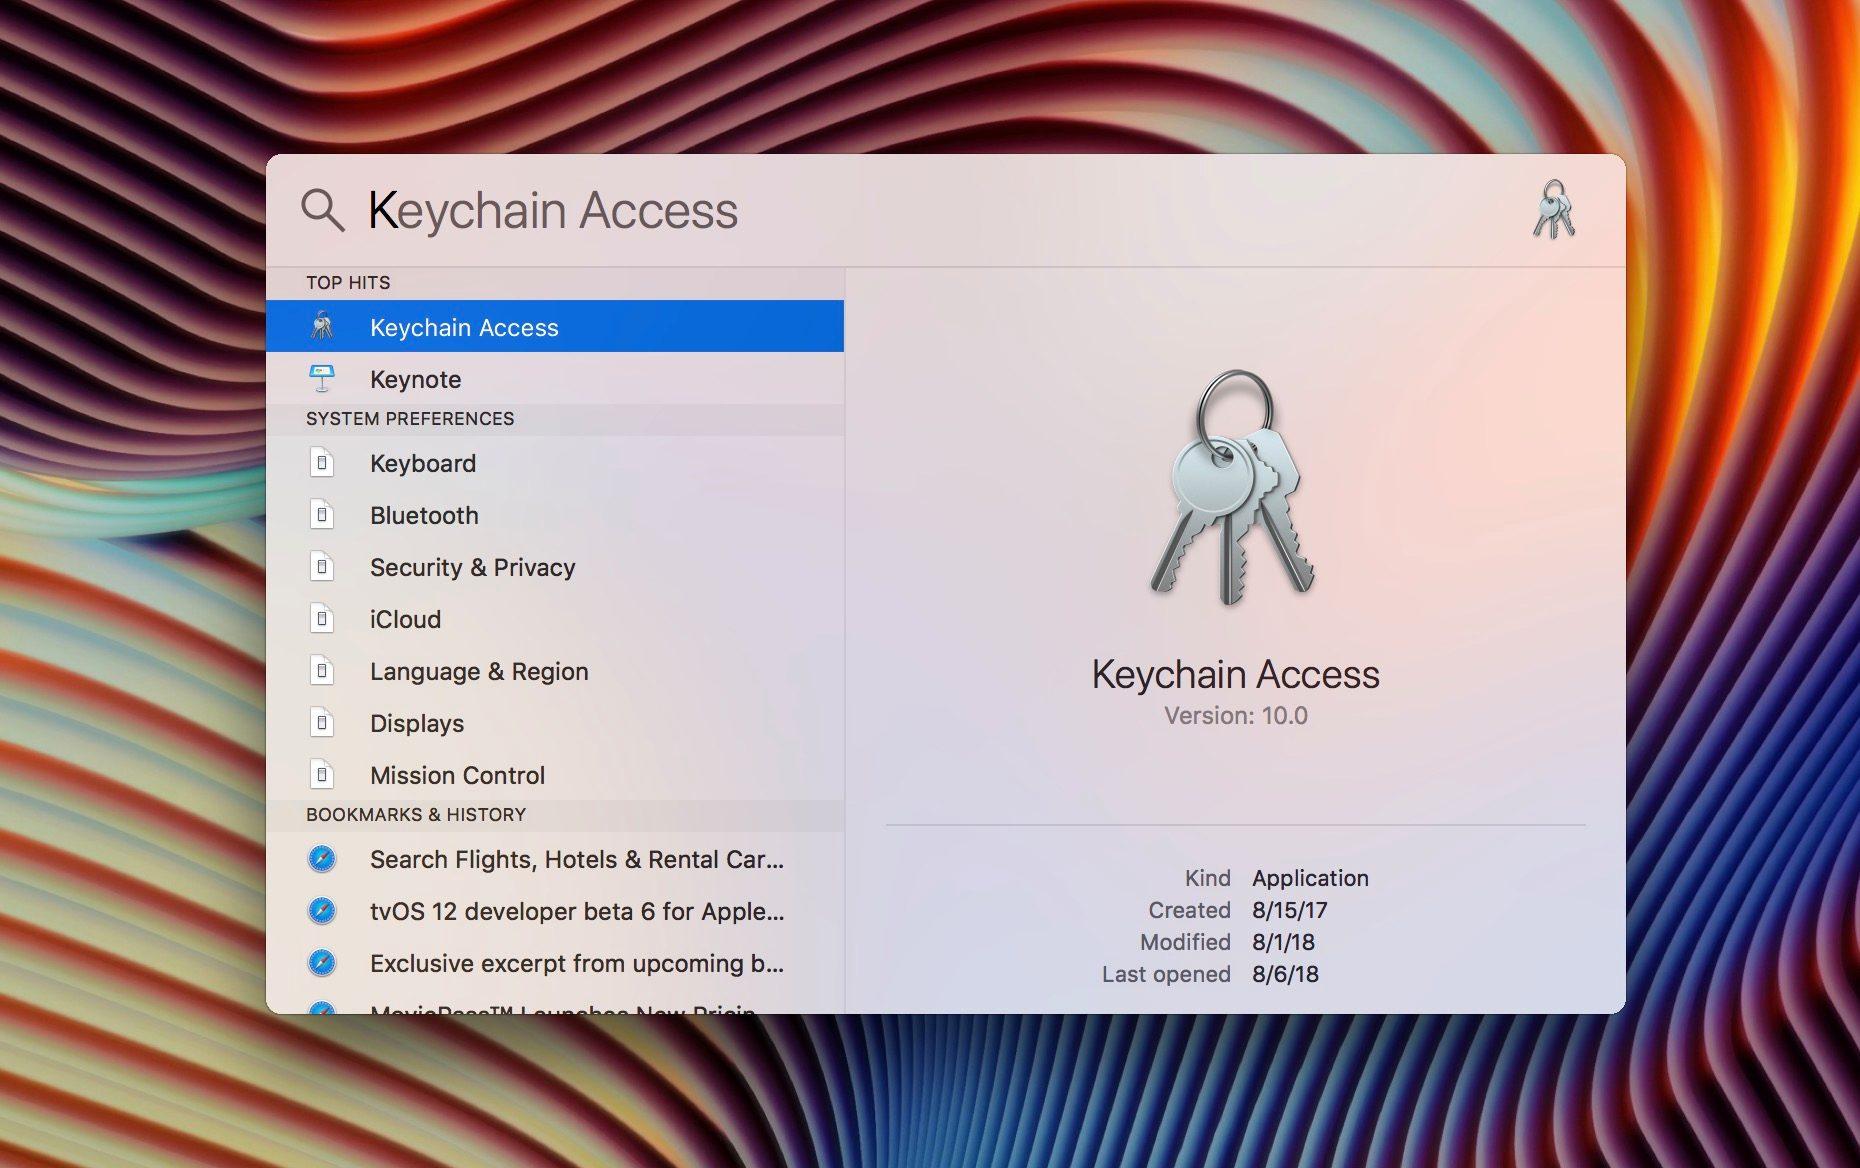 """<span href=""""https://9to5mac.com/2018/08/06/mac-how-to-see-wi-fi-passwords-for-networks-youve-connected-to/"""">Mac: Cómo ver las contraseñas Wi-Fi para redes en las que se ha conectado a</a>"""